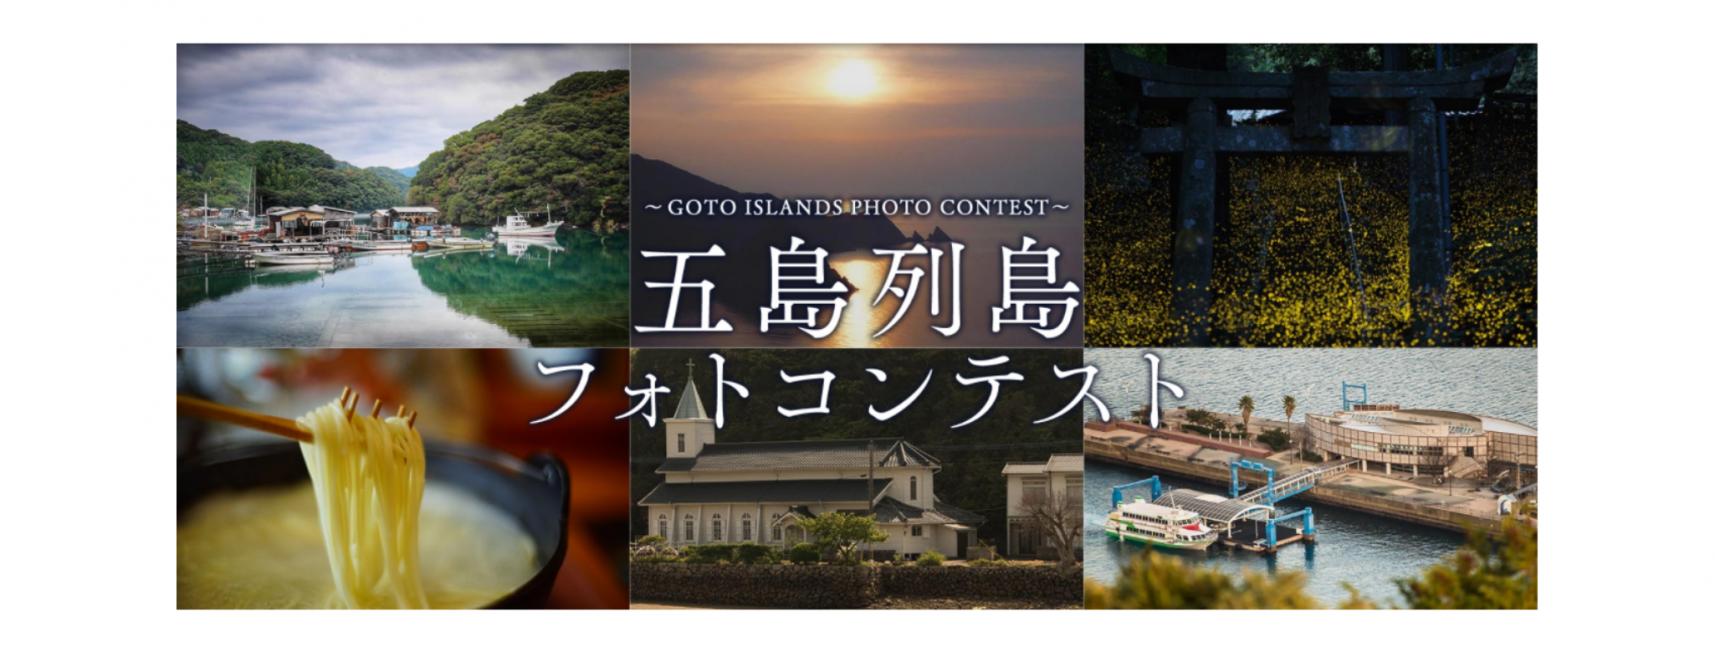 五島列島フォトコンテスト